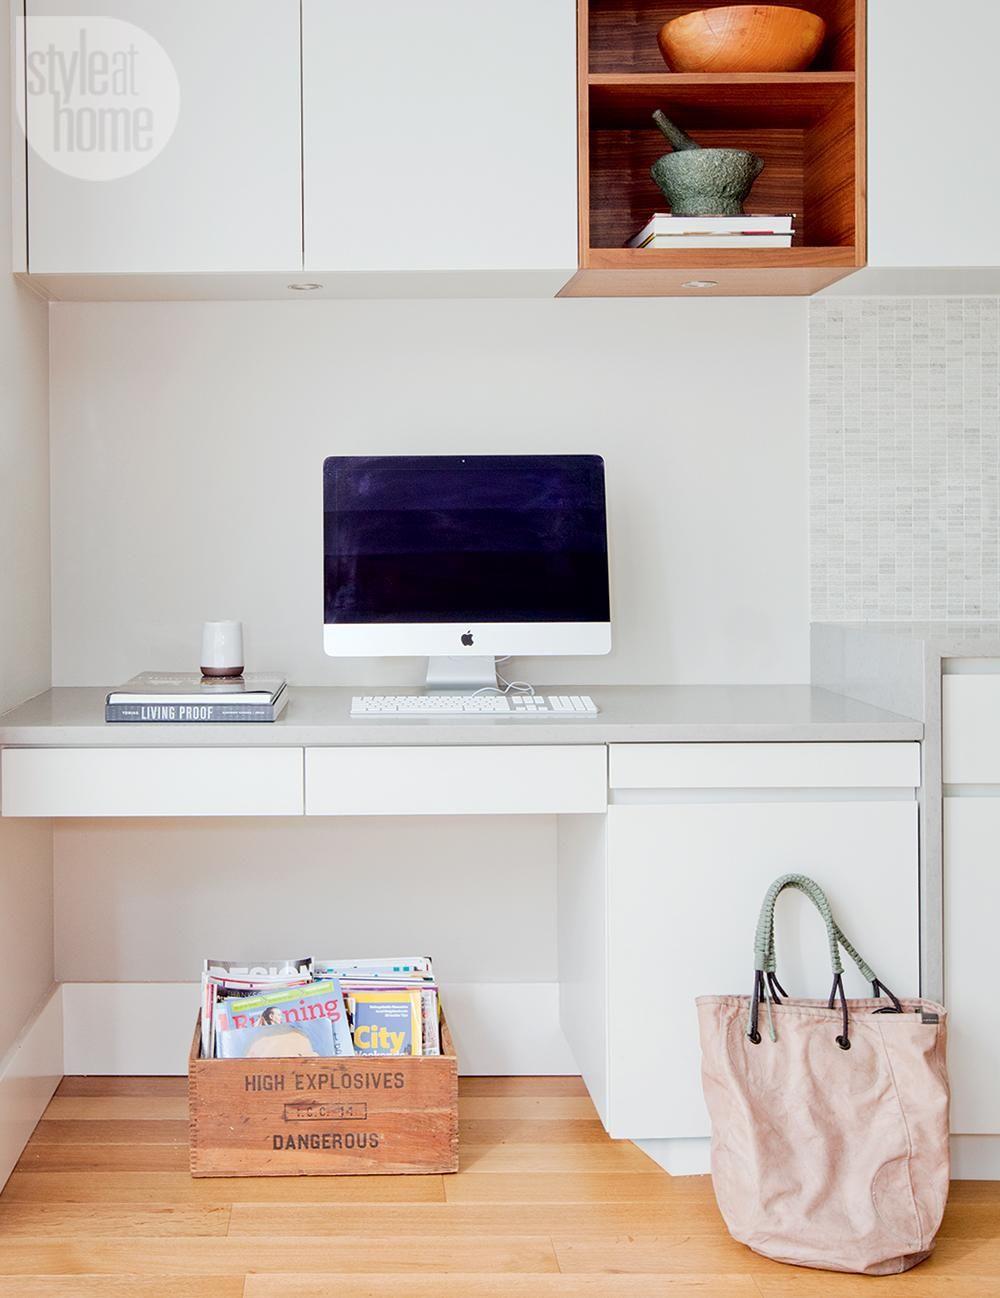 Kitchen Design Warm Contemporary Minimalism Kitchen Storage Style At Home And Storage